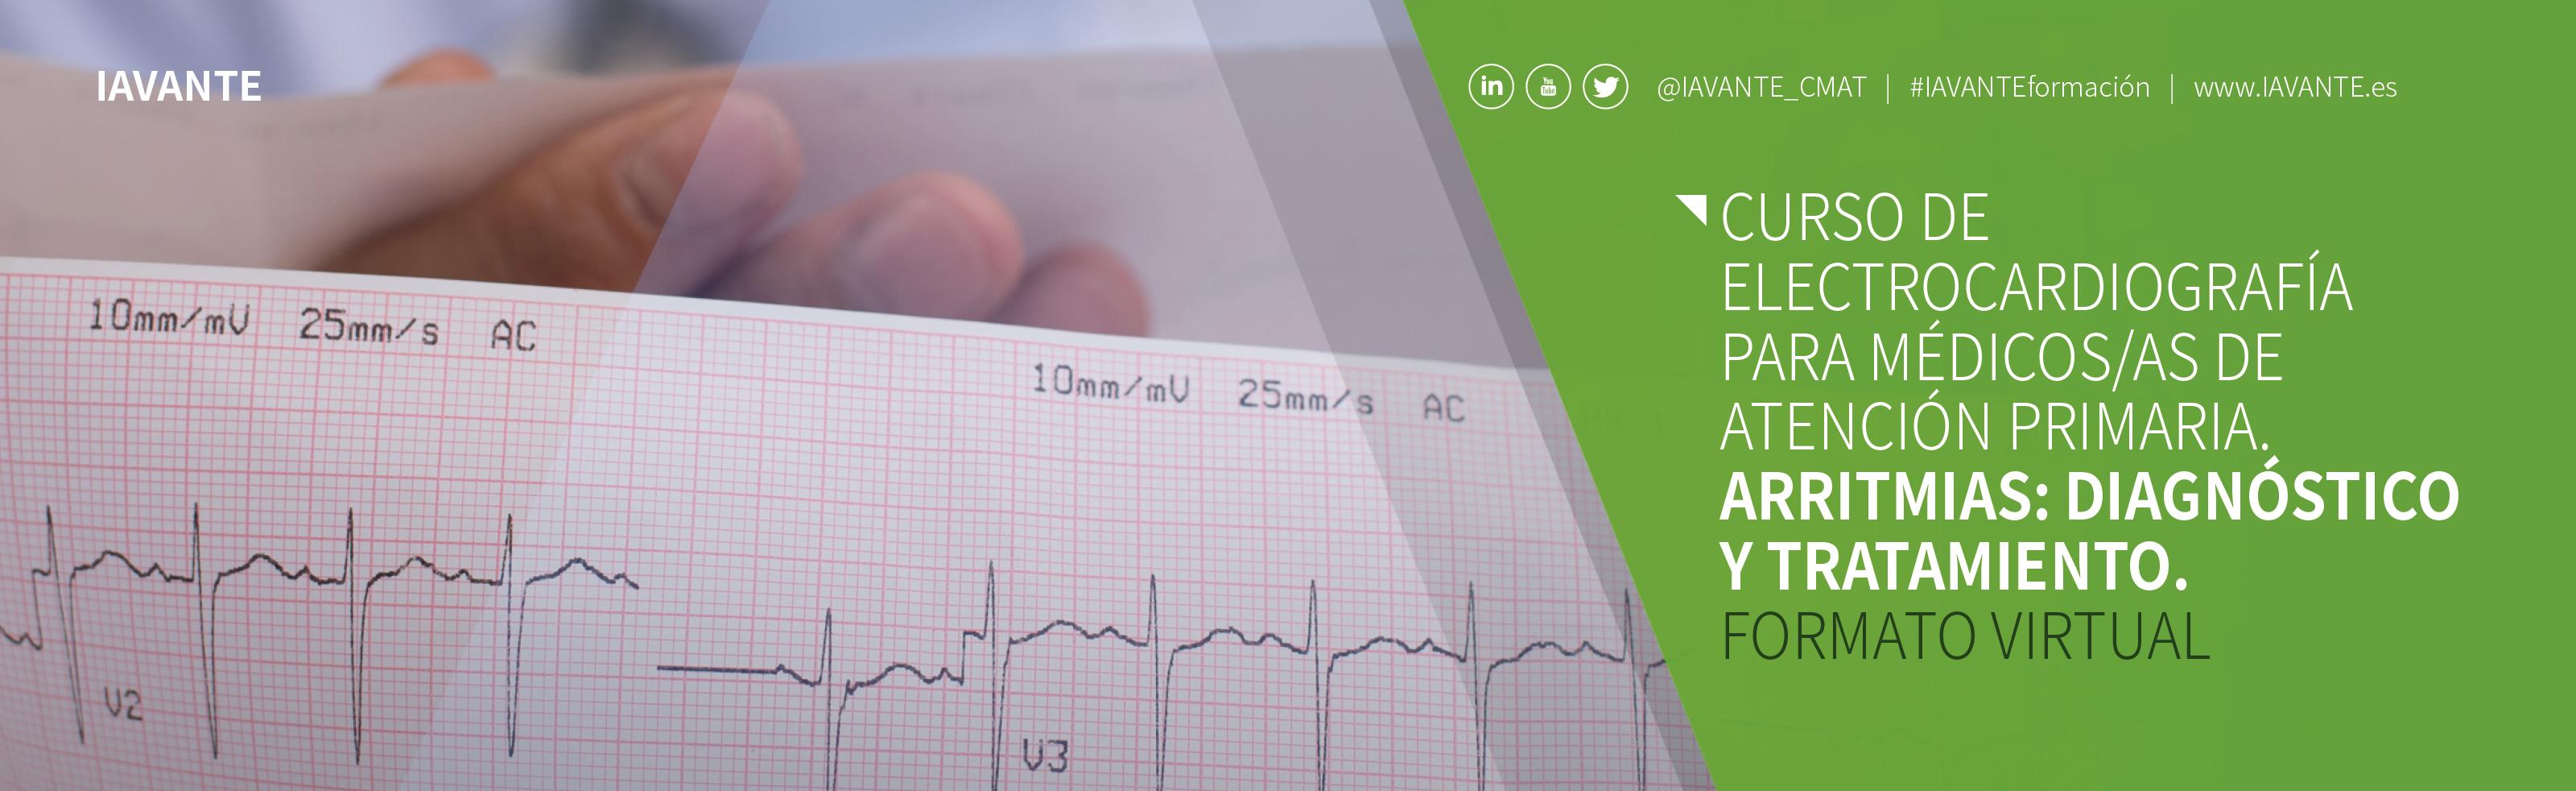 ECG para medicos AP